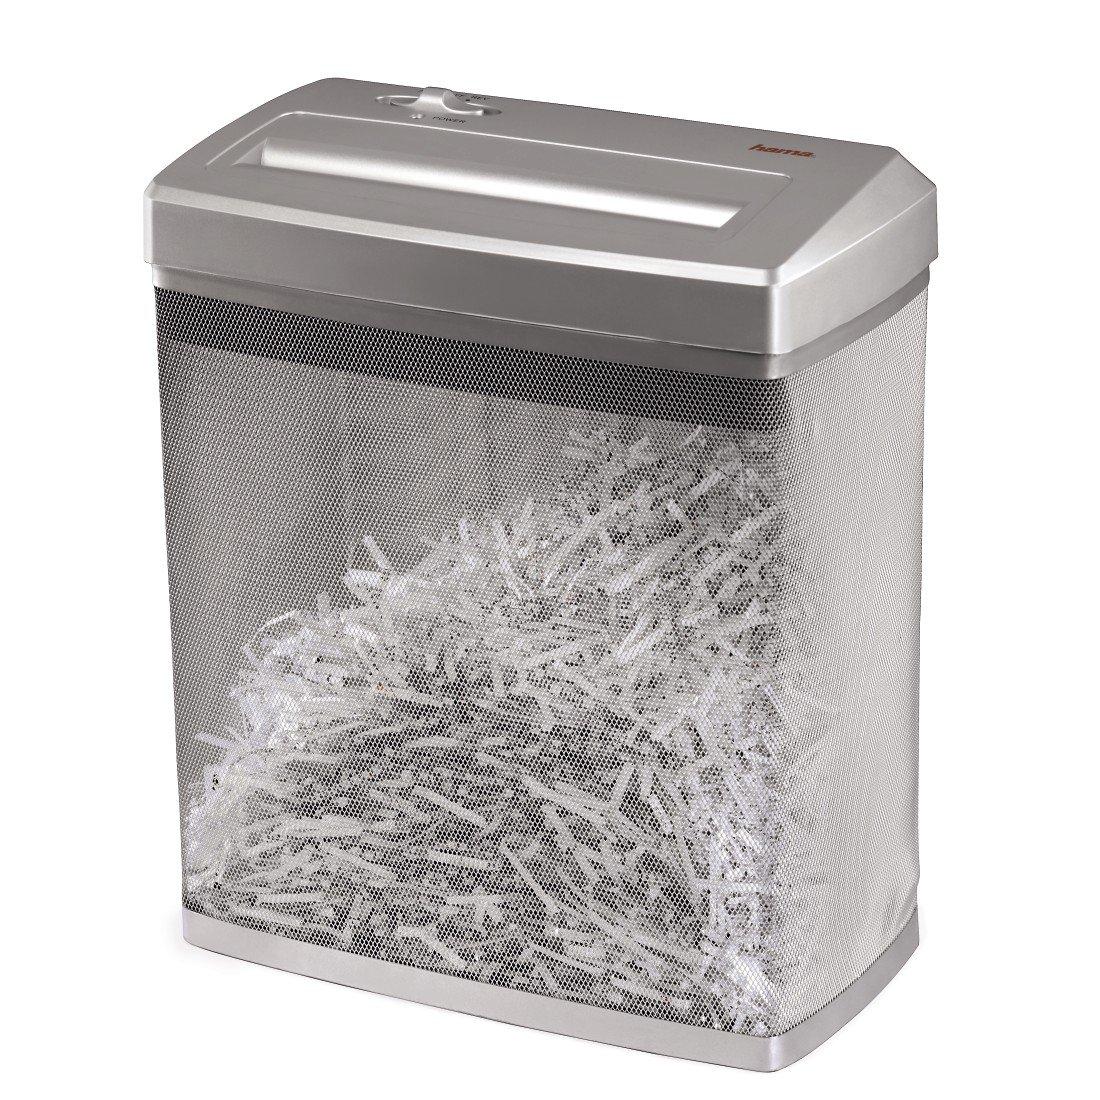 Hama Aktenvernichter bis zu 7 Blatt (Kreuzschnitt, Shredder für Papier und Plastikkarten, inkl. 14-Liter-Metallkorb, Schutzklasse P-4/Sicherheitsstufe 2 nach DIN 66399) Papier-Schredder silber 50176 Computerzubehör